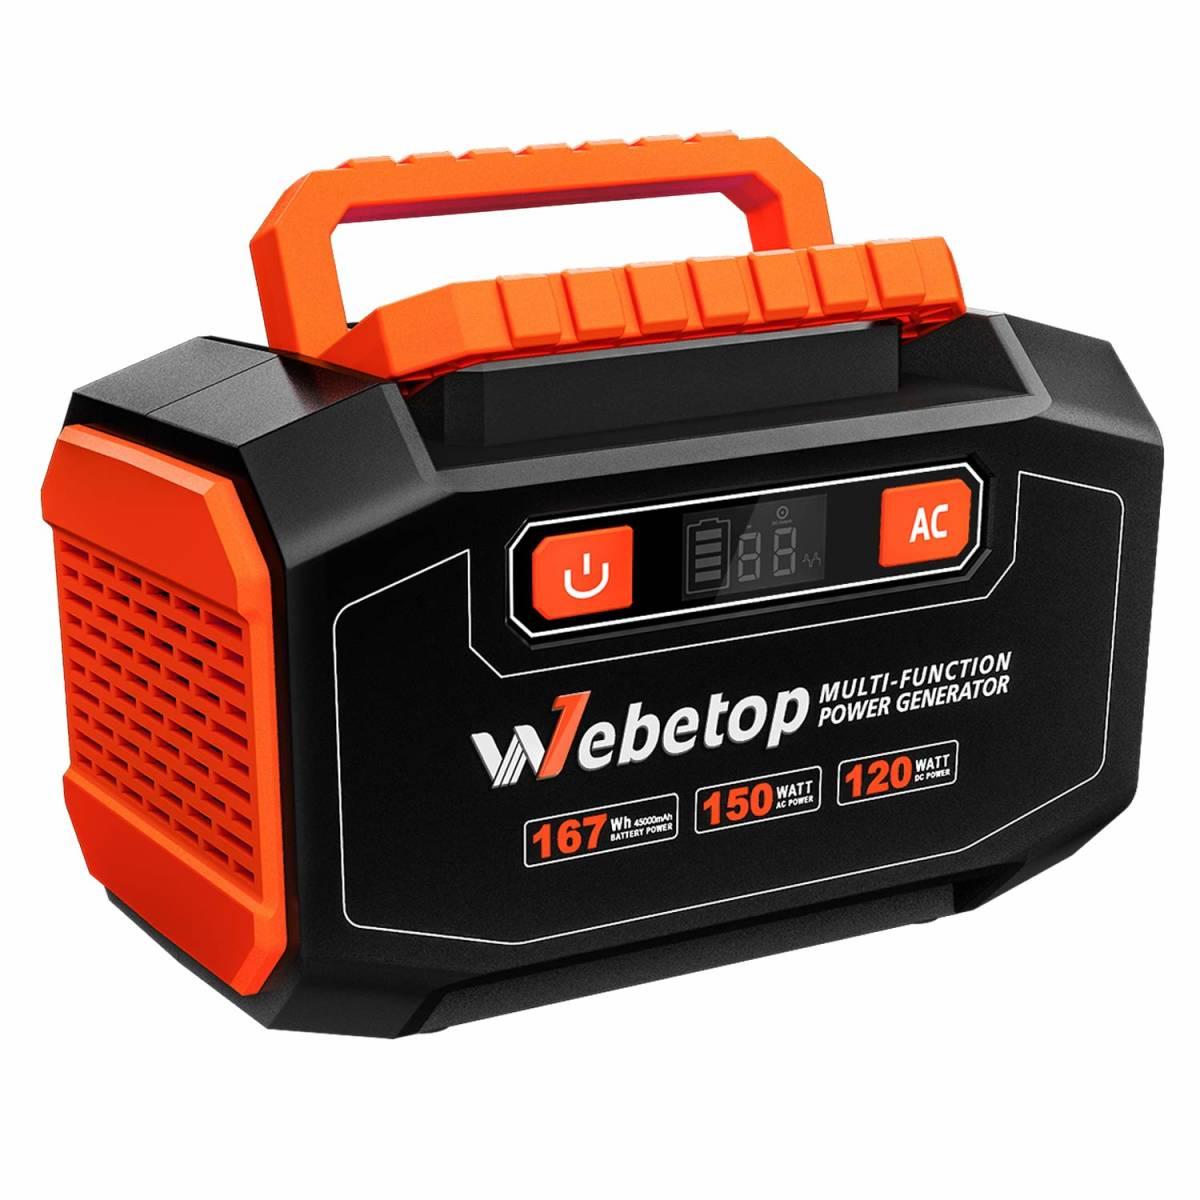 送料無料 Webetop ポータブル電源 167Wh 大容量 AC(150W) DC USB出力 QC3.0急速充電 家庭用蓄電池 充電方法三つ ソーラーパネル充電_画像1